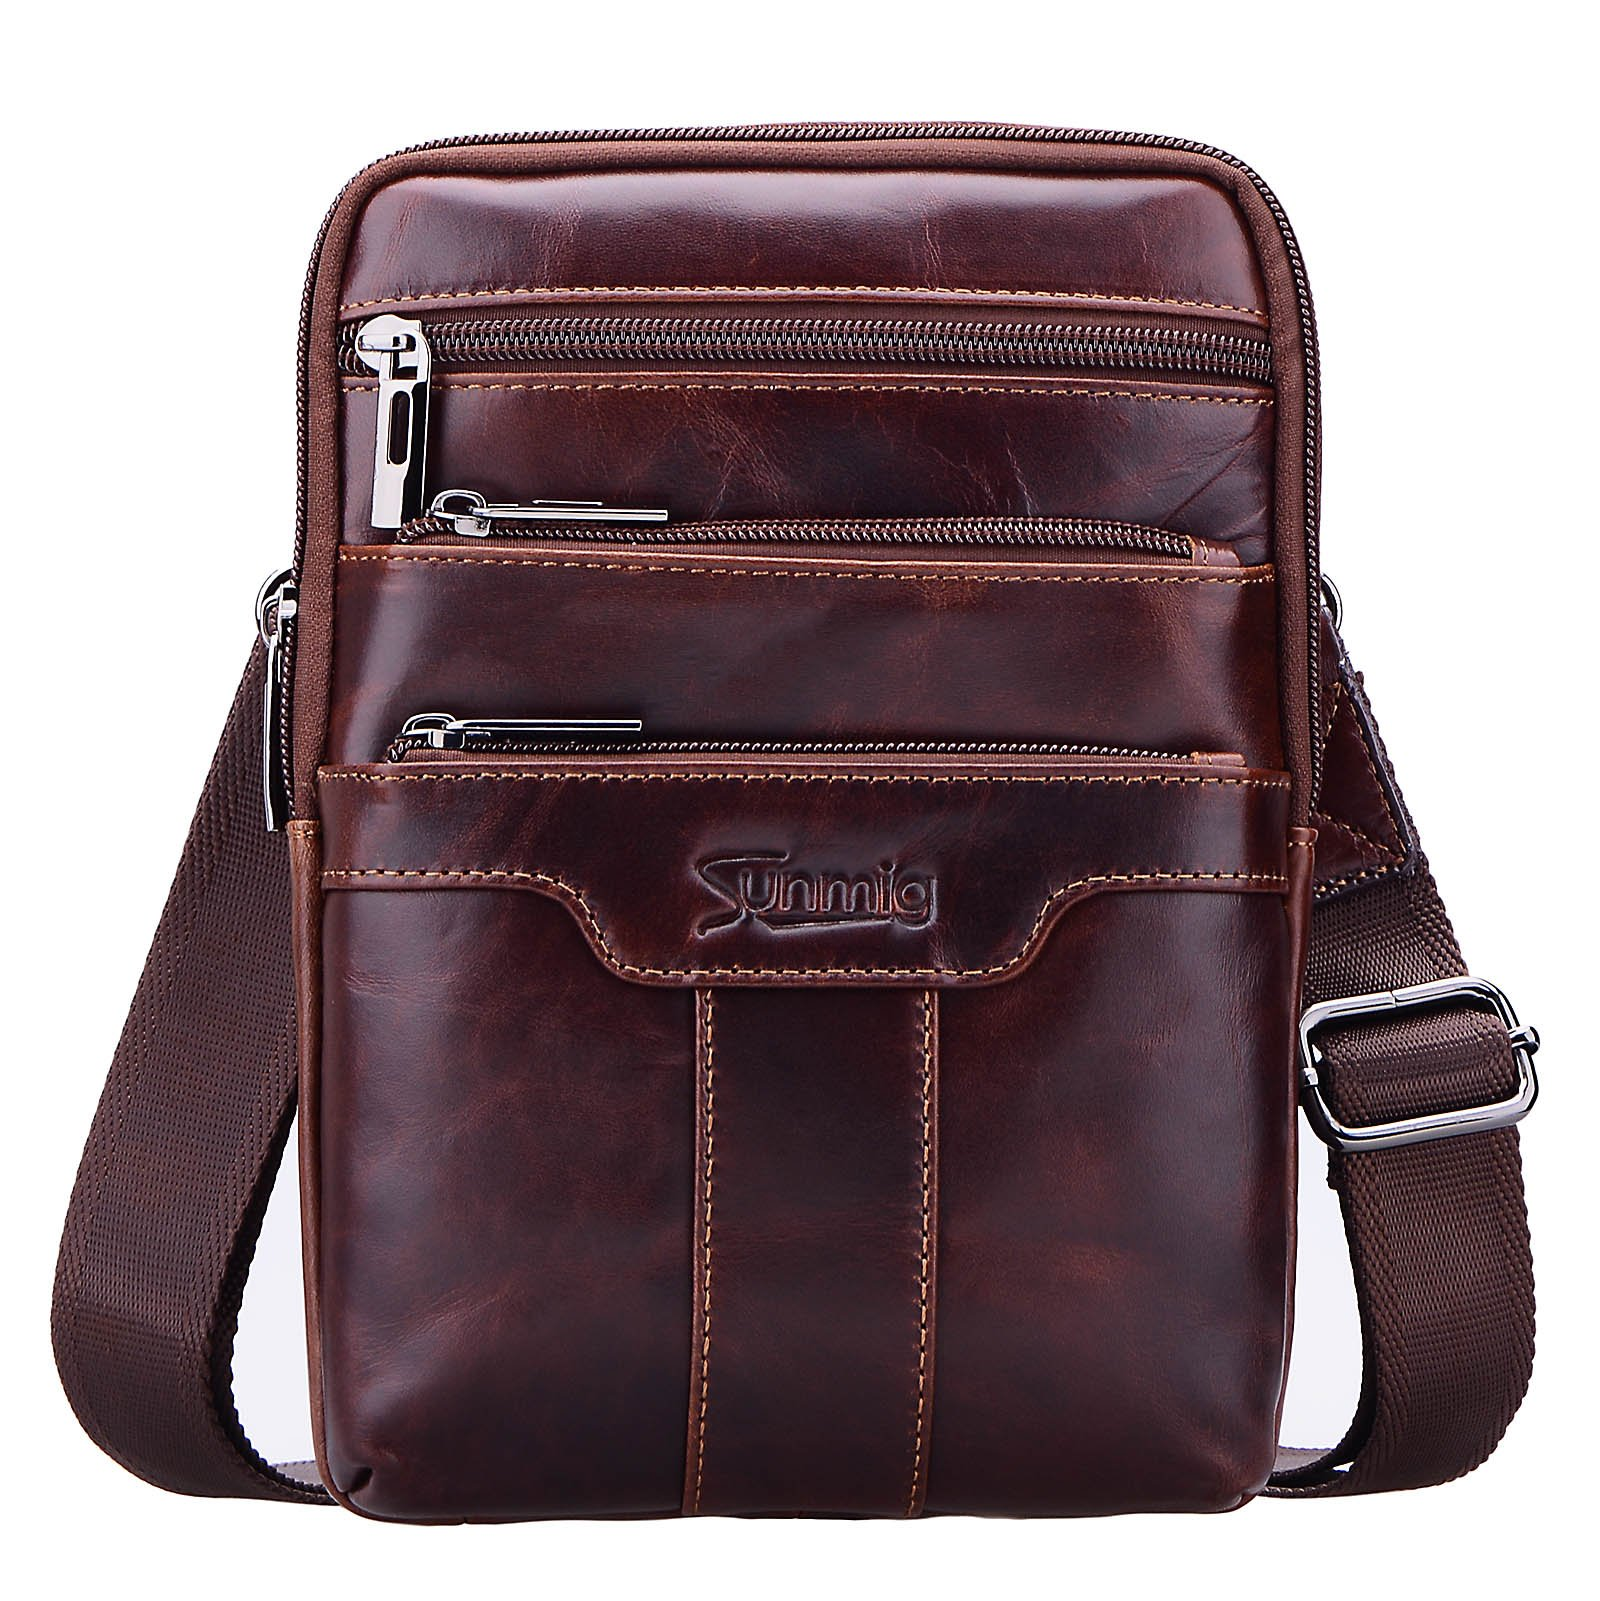 Sunmig Men's Vintage Genuine Leather Shoulder Bag Messenger Bags (brown-3803)